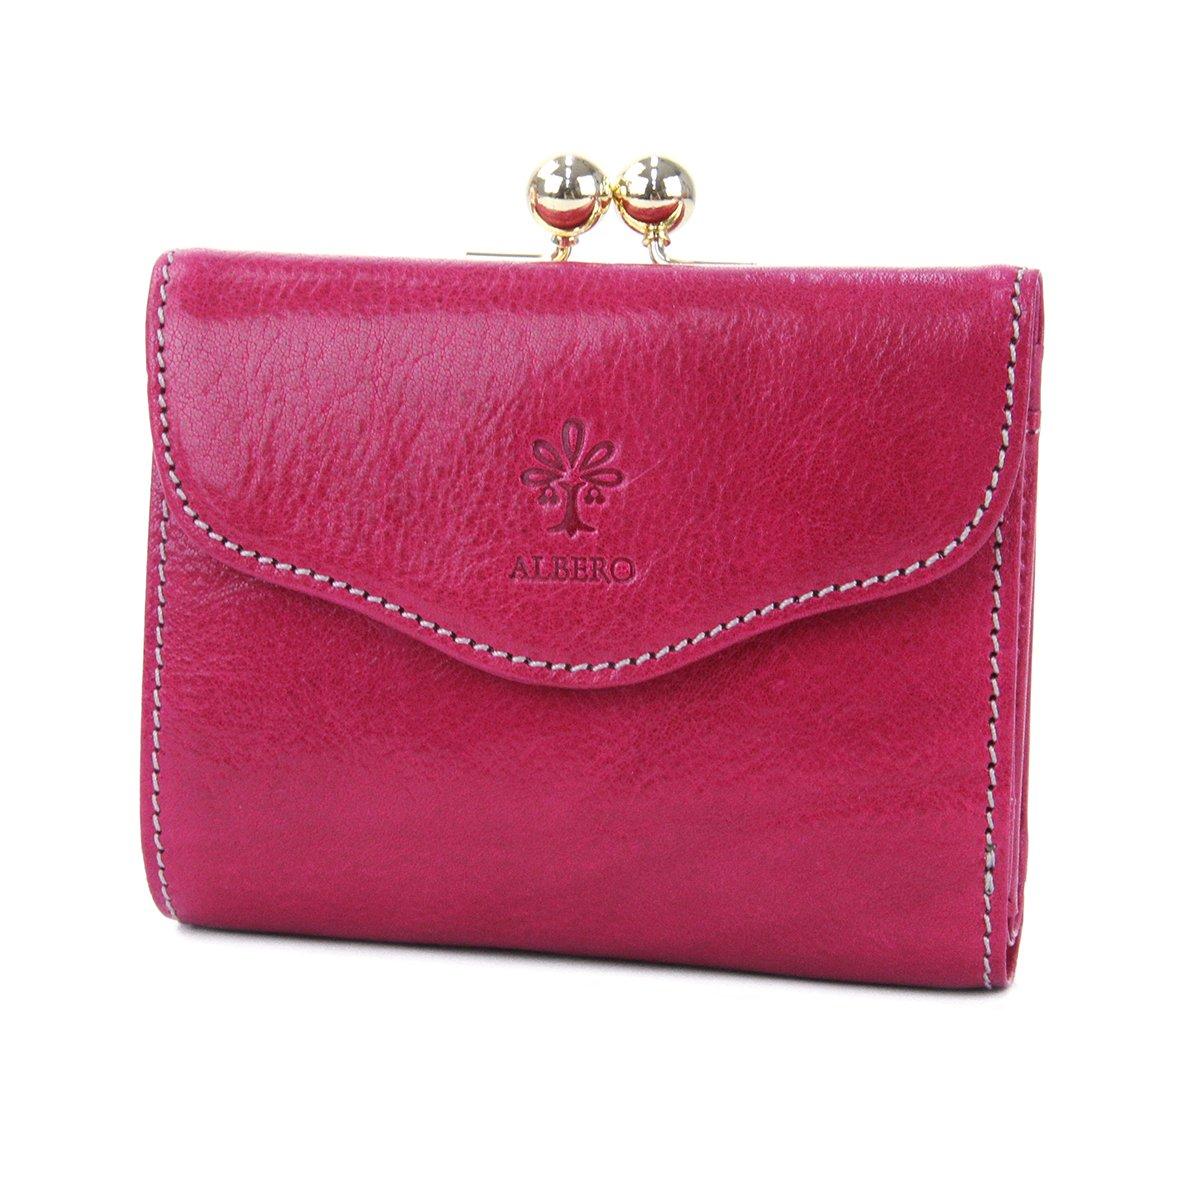 [アルベロ] がま口二つ折り財布 本革 ピエロ 6408 レディース B0727PNQNS  ピンク -